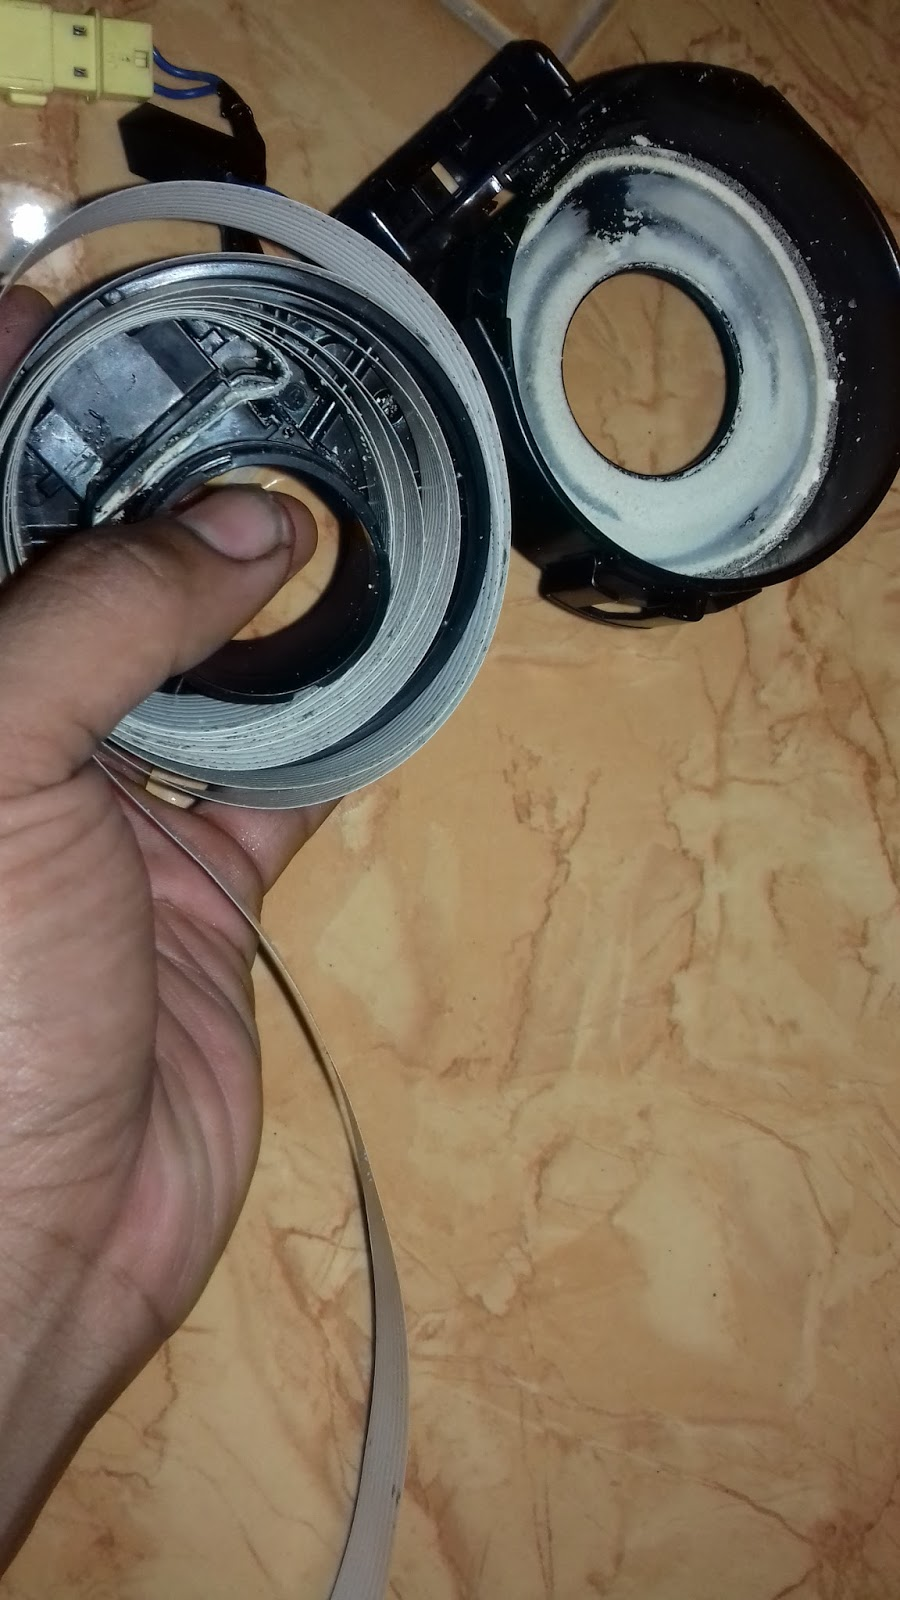 nyala dan bel horn tidak akan berfungsi hal itu disebabkan reel cable putus ini penampakannya dan panjang kabel tersebut kurang lebih 1 5meter  [ 900 x 1600 Pixel ]